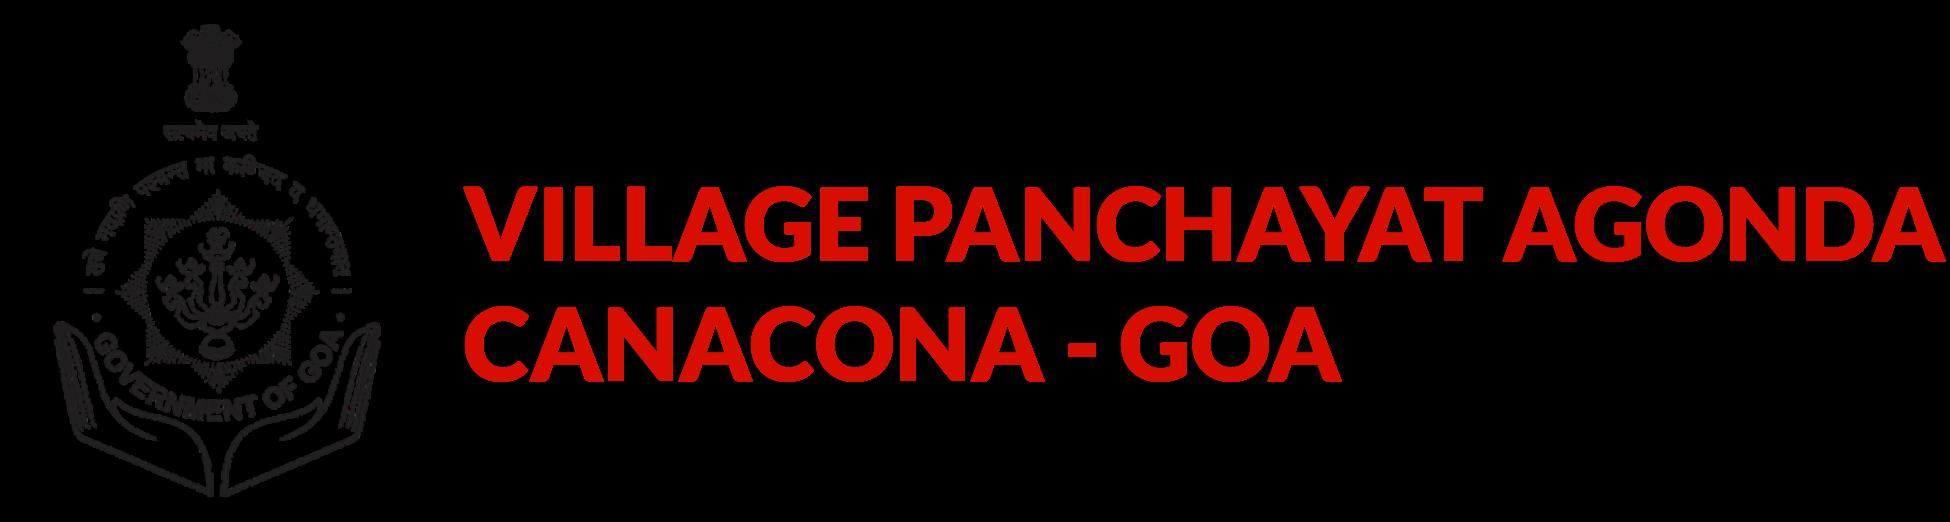 village panchayat agonda